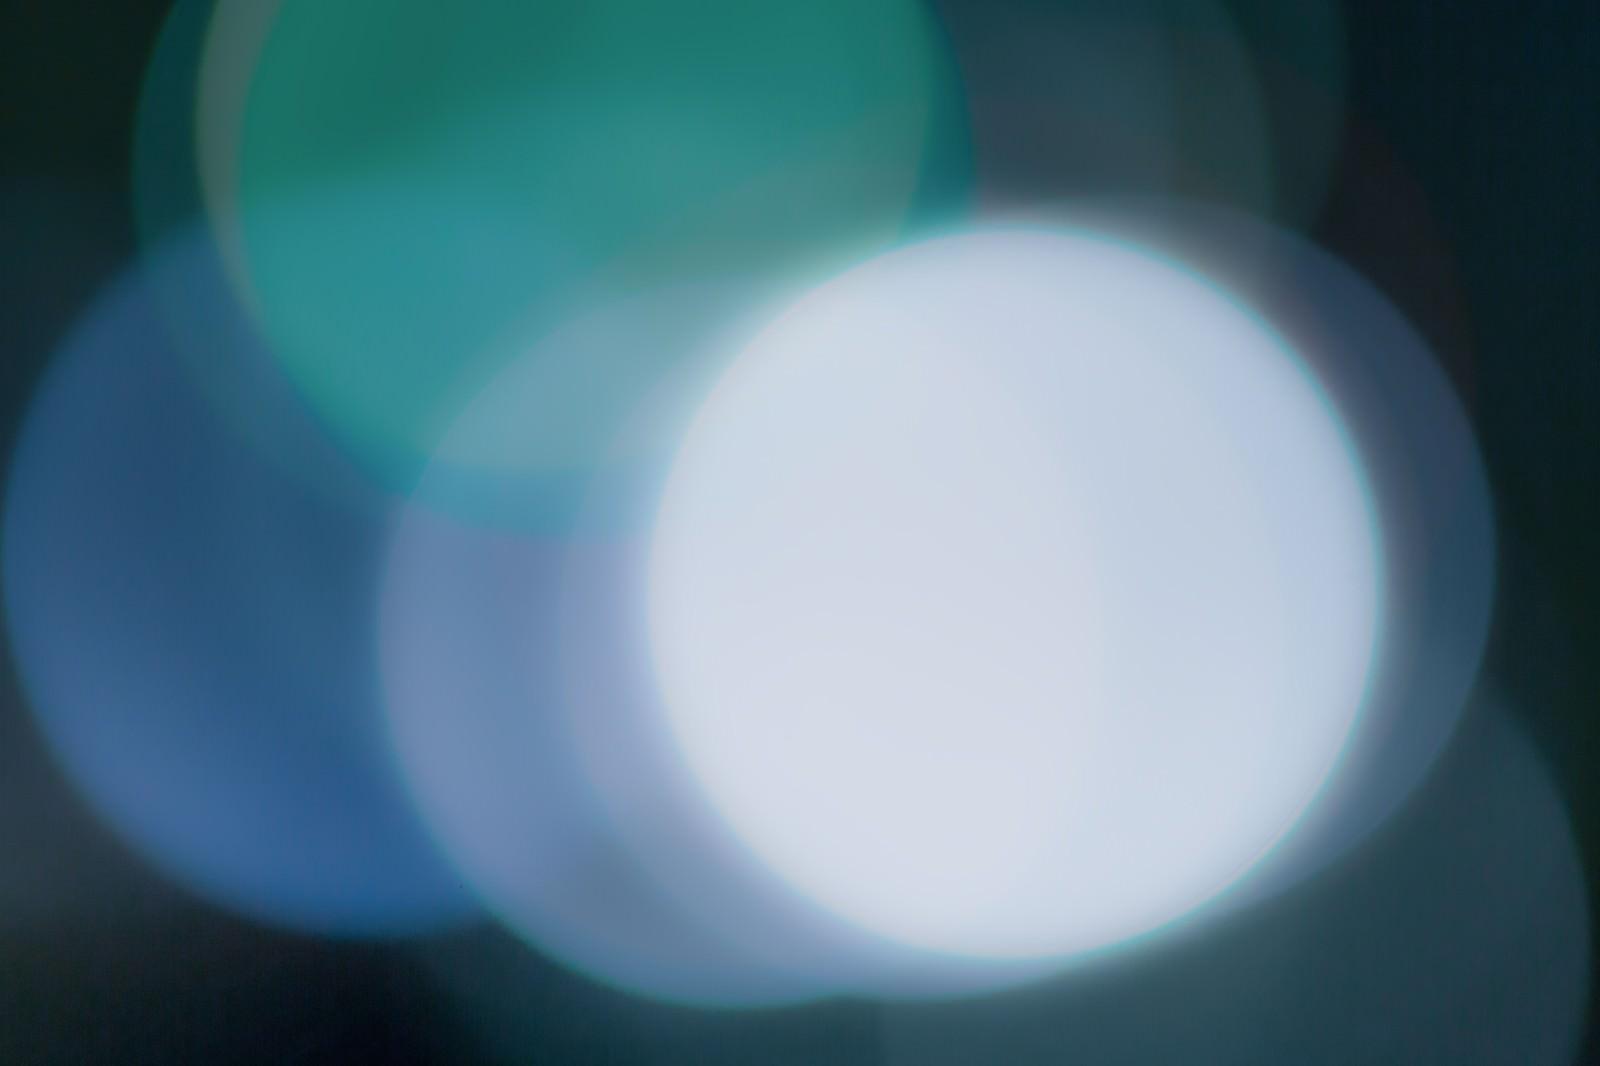 「夜の街灯の光」の写真